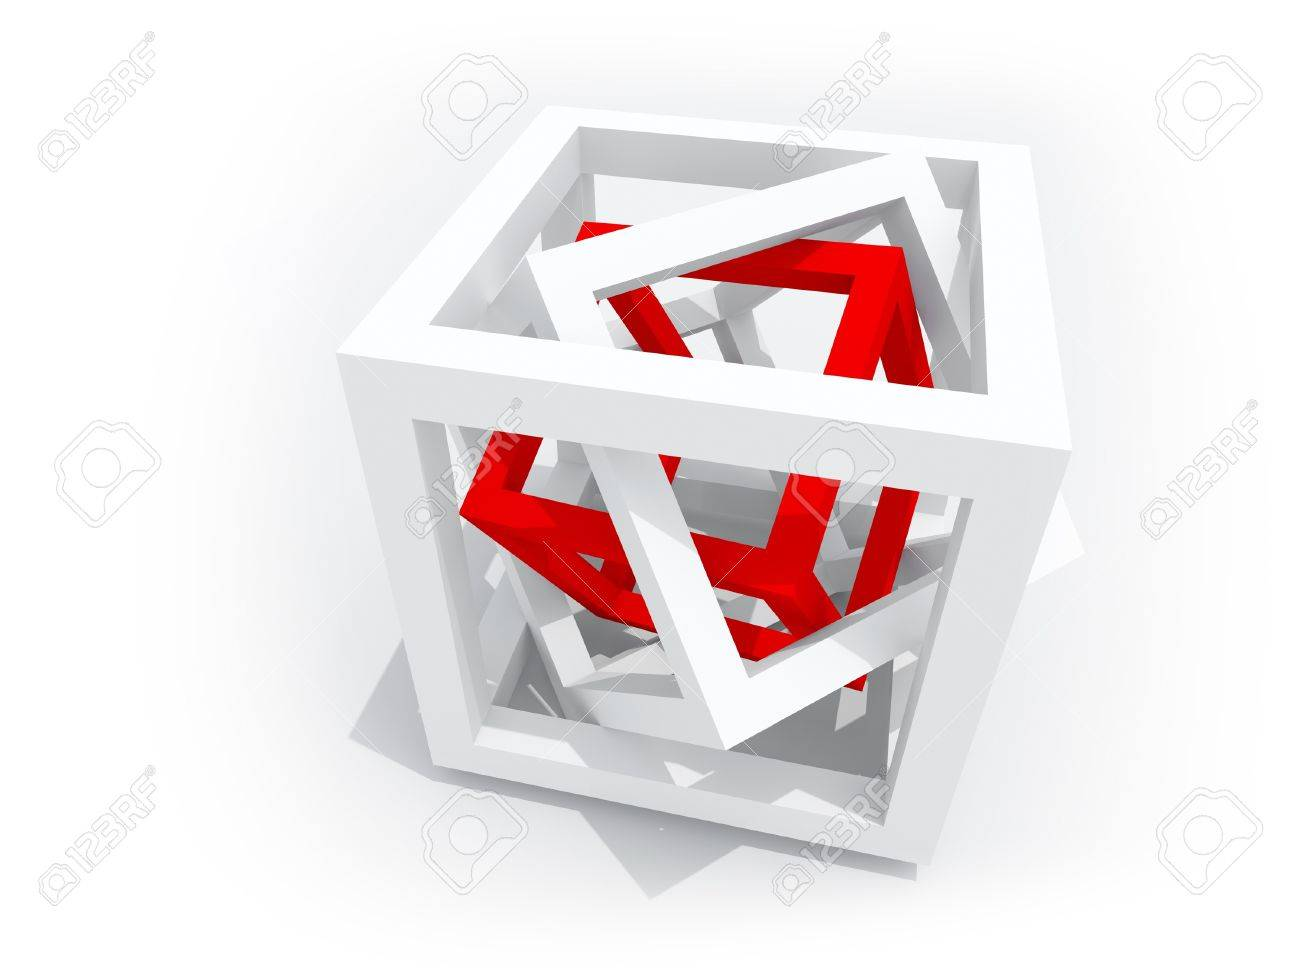 Geometrisches Objekt Ein Roter Draht-frame Cube Innerhalb Von Zwei ...